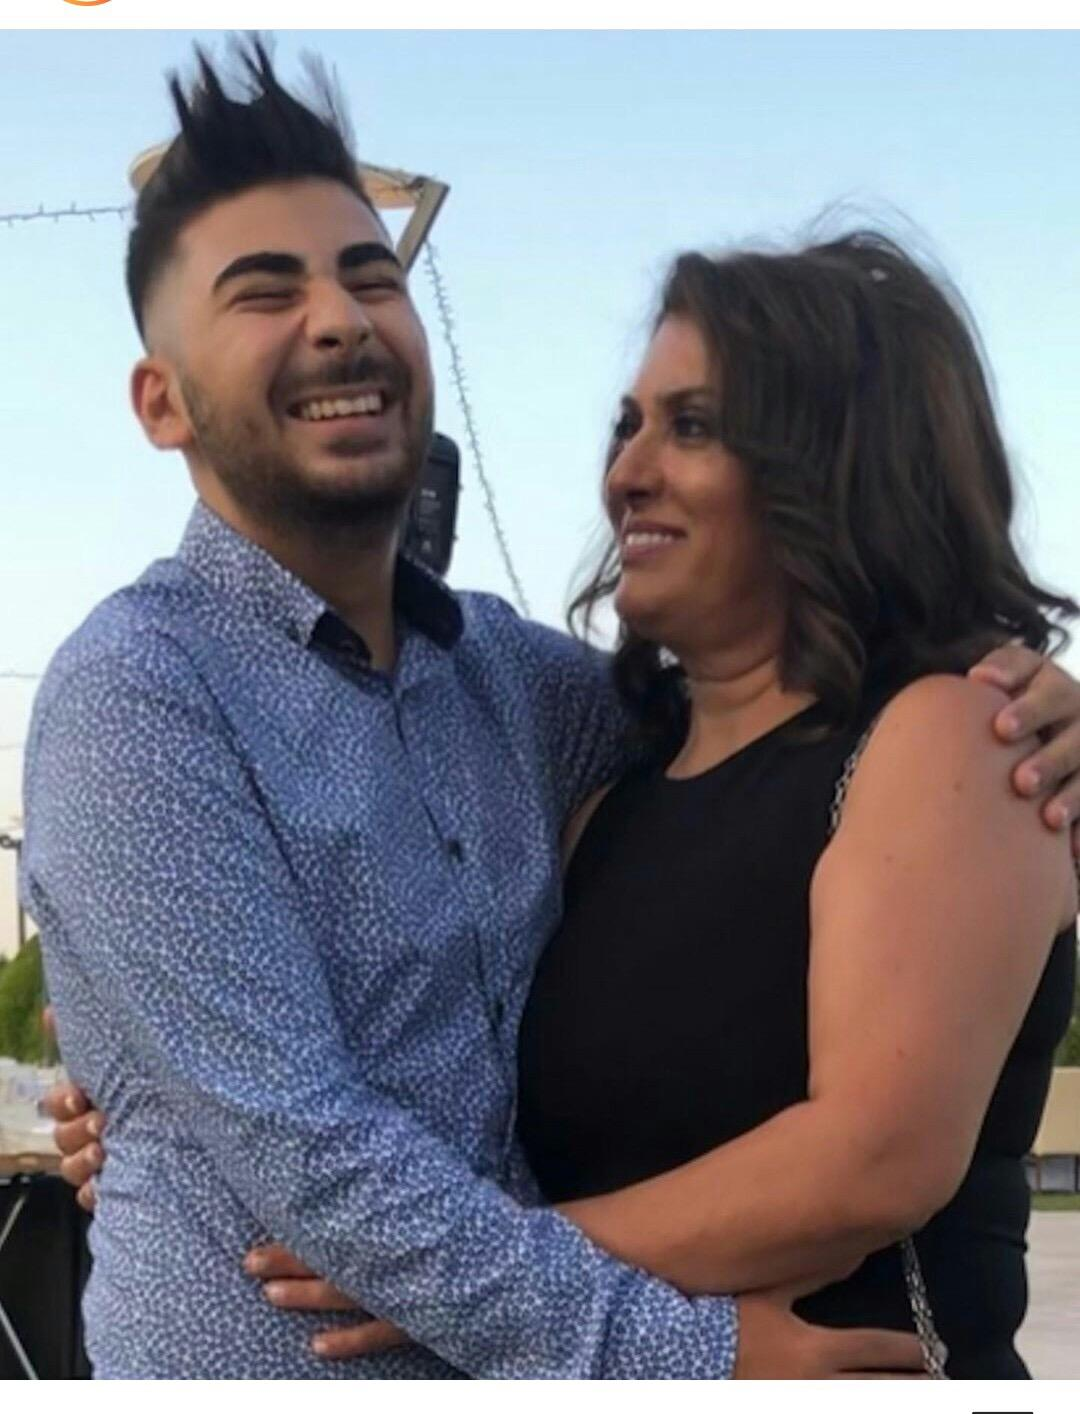 Έγινε νονός ο Κωνσταντίνος Παντελίδης και μοίρασε χαμόγελα στην οικογένεια! Δείτε φωτογραφίες από τη βάφτιση